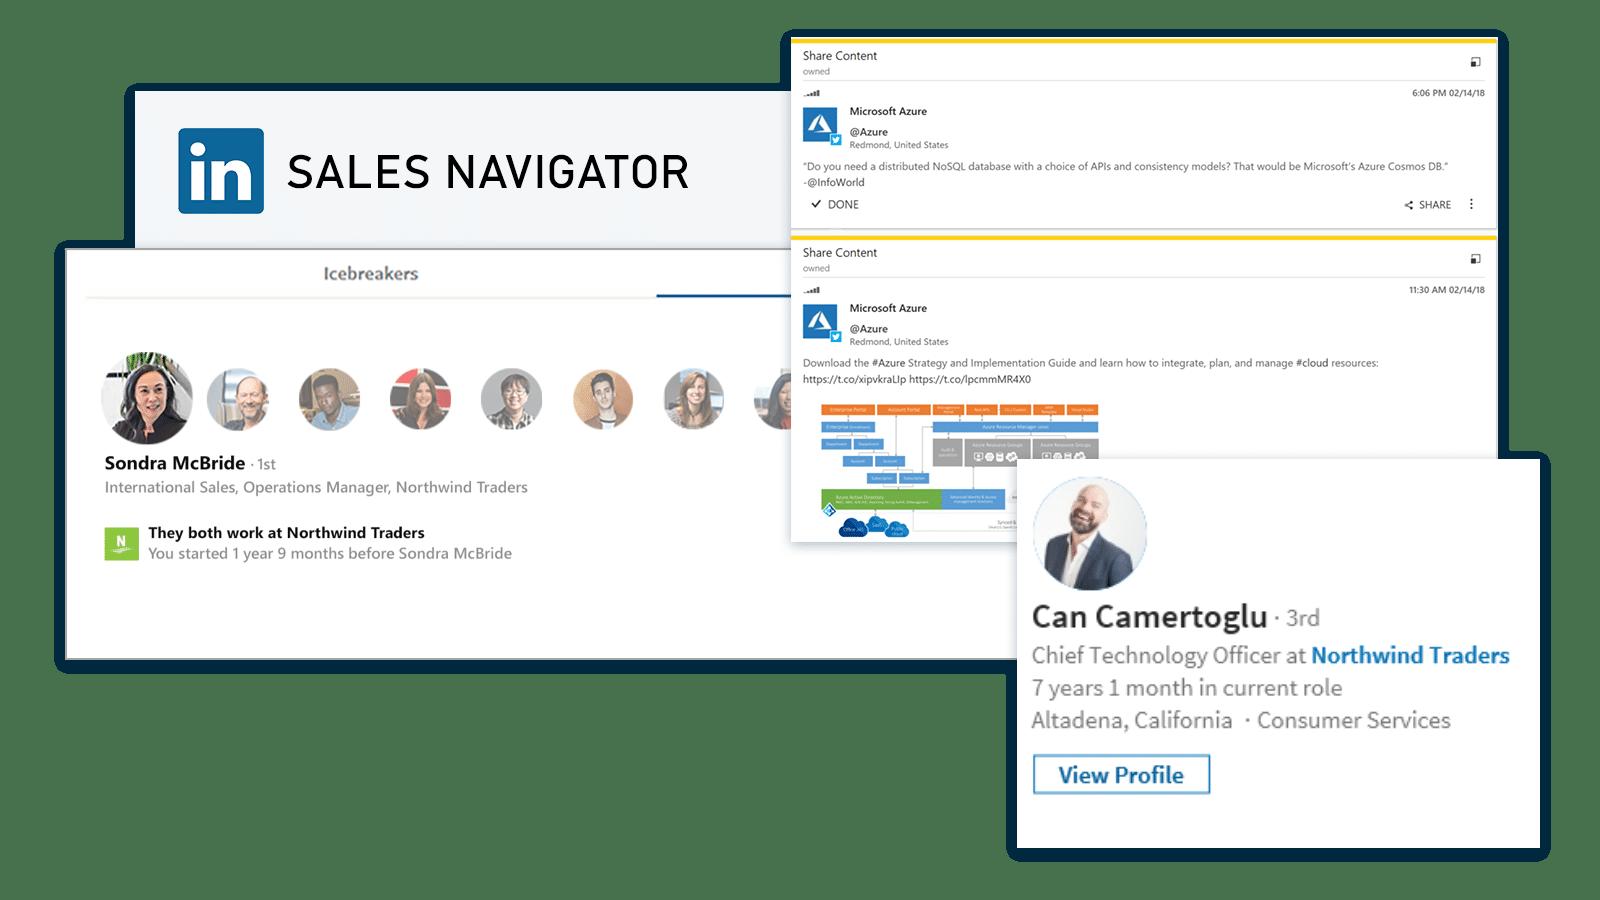 Relaties ontwikkelen met persoonlijke betrokkenheid | Microsoft Dynamics 365 for Sales